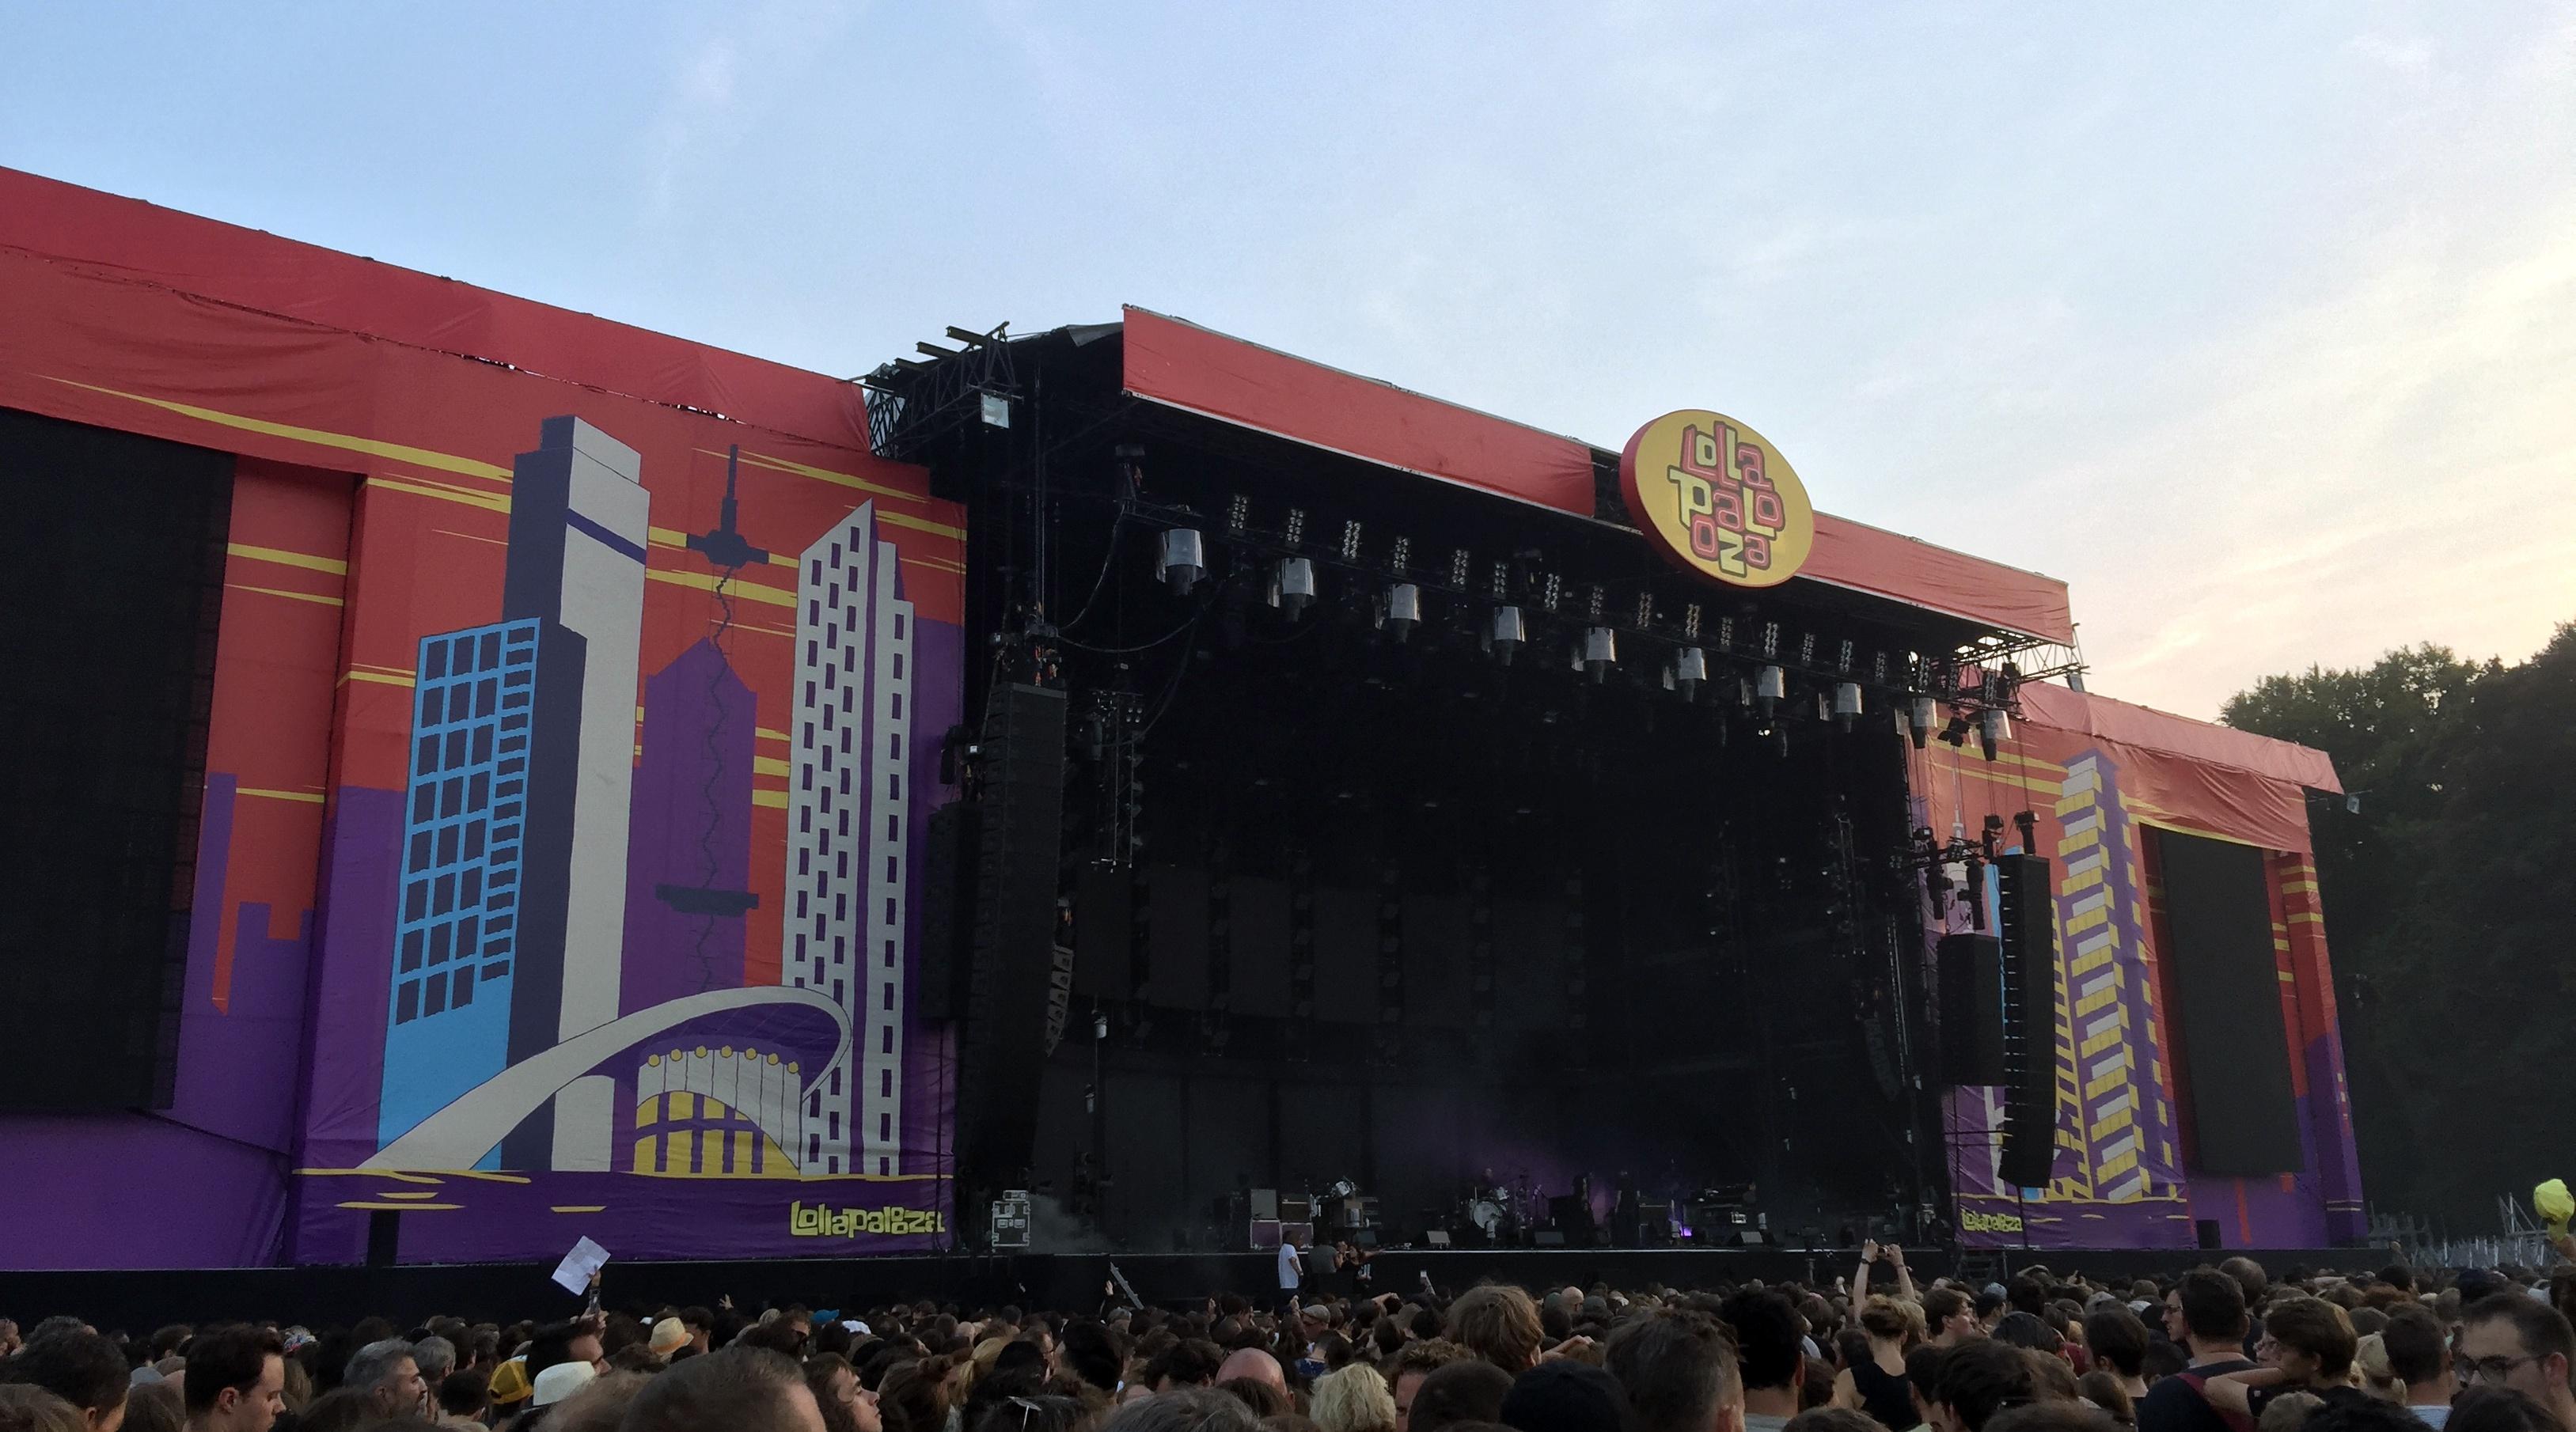 Więcej niż koncert, czyli wrażenia z występu Radiohead na Lollapaloozie